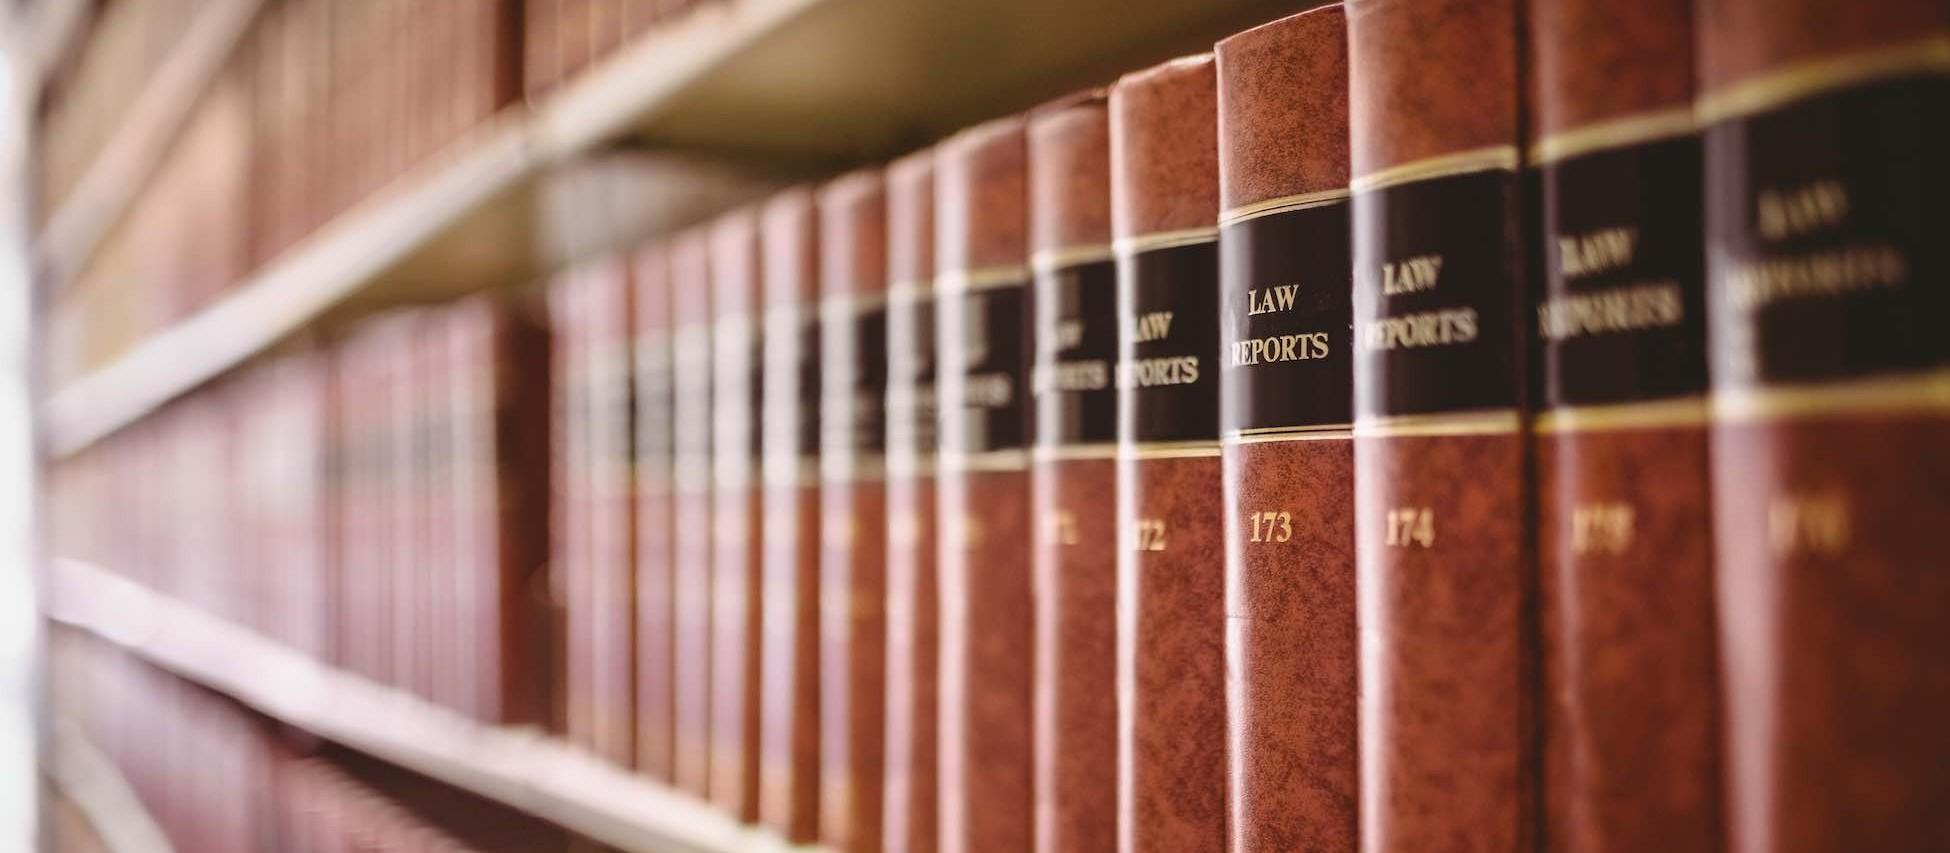 Law-Books-e1437662754610